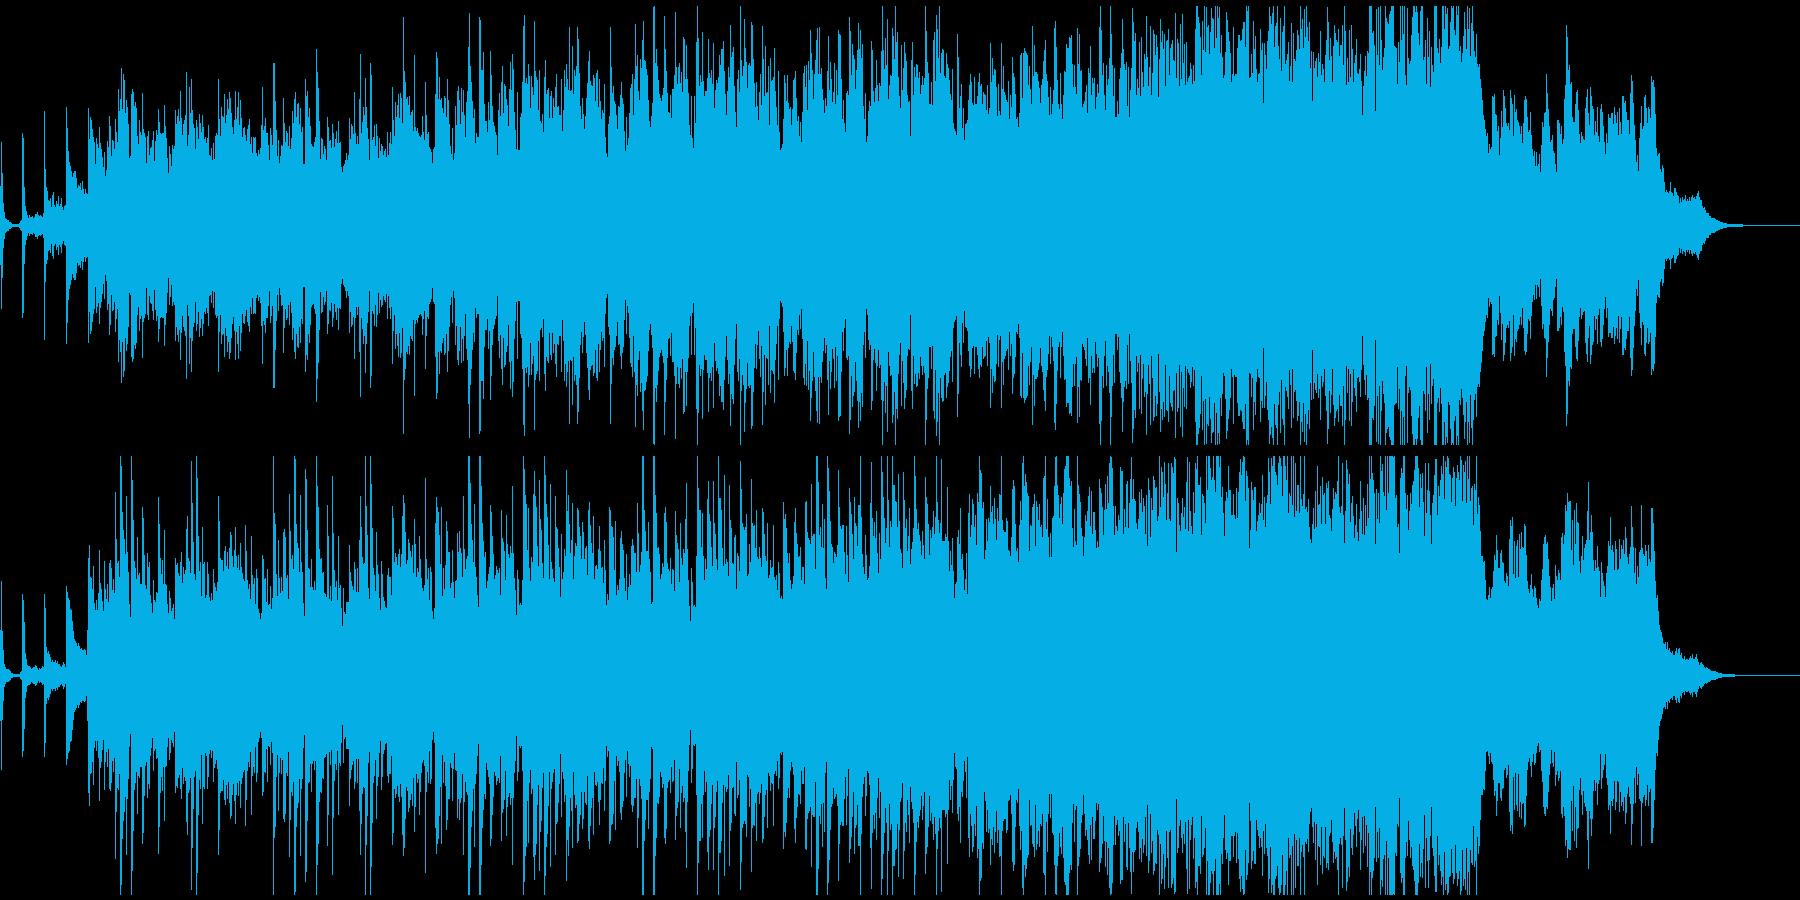 CMや映像にピアノ 困難に向き合う勇気像の再生済みの波形